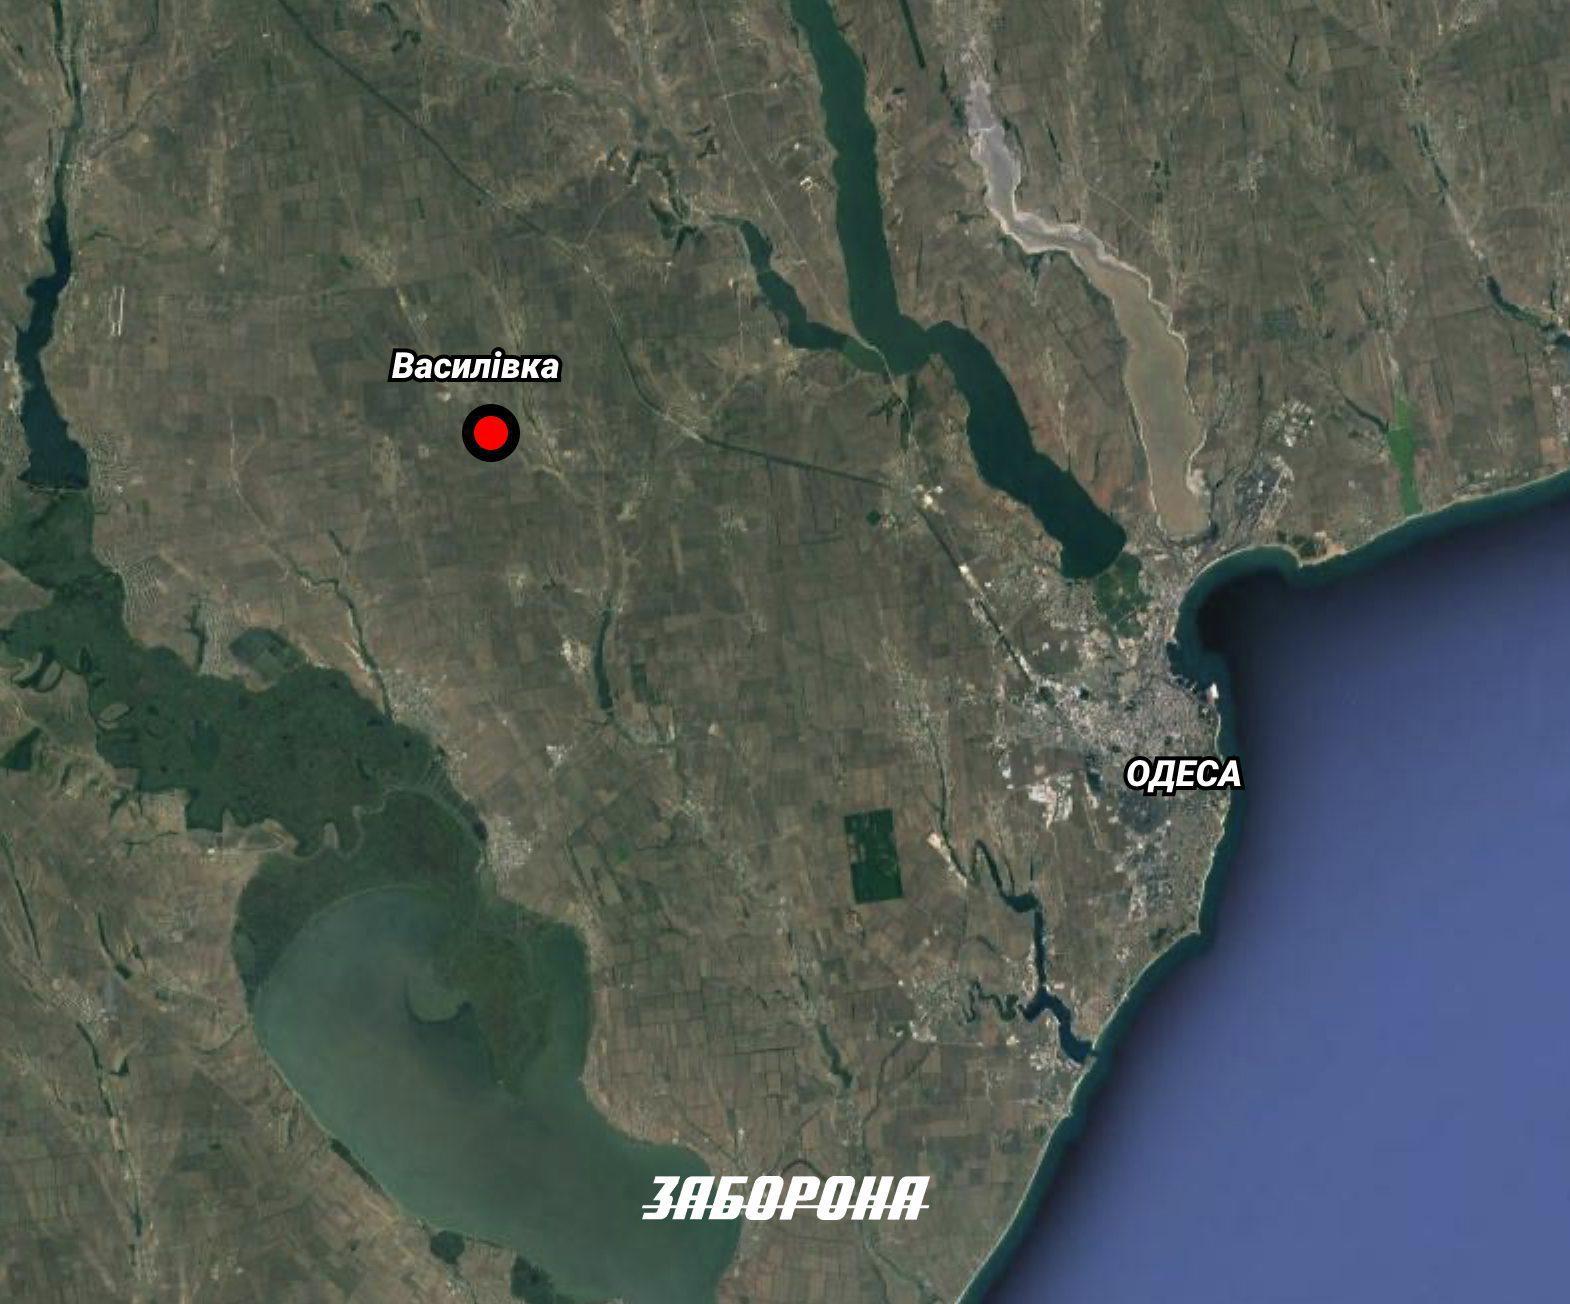 nikiforov map ua - <b>Фотографа Євгена Нікіфорова намагалися побити і пограбувати.</b> Тепер йому шиють кримінальну справу - Заборона